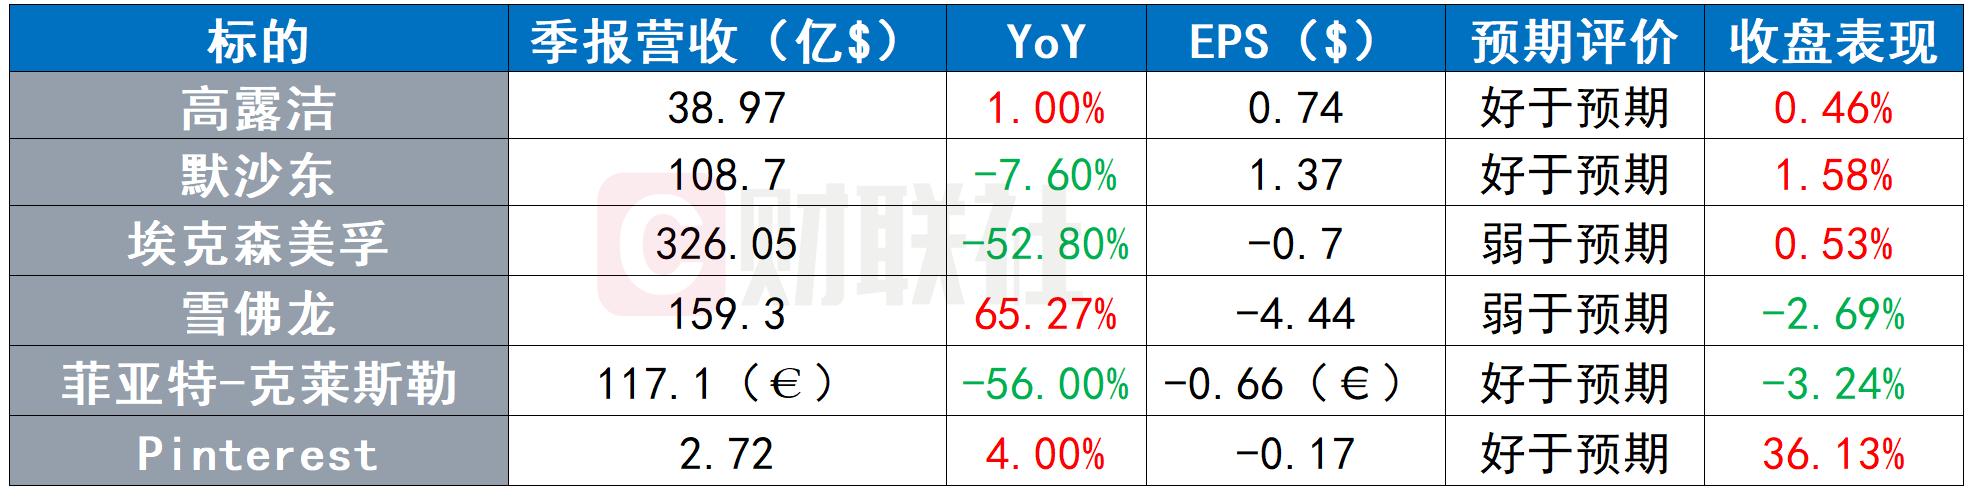 美股收盘:三大股指集体收涨 苹果重回全球市值第一